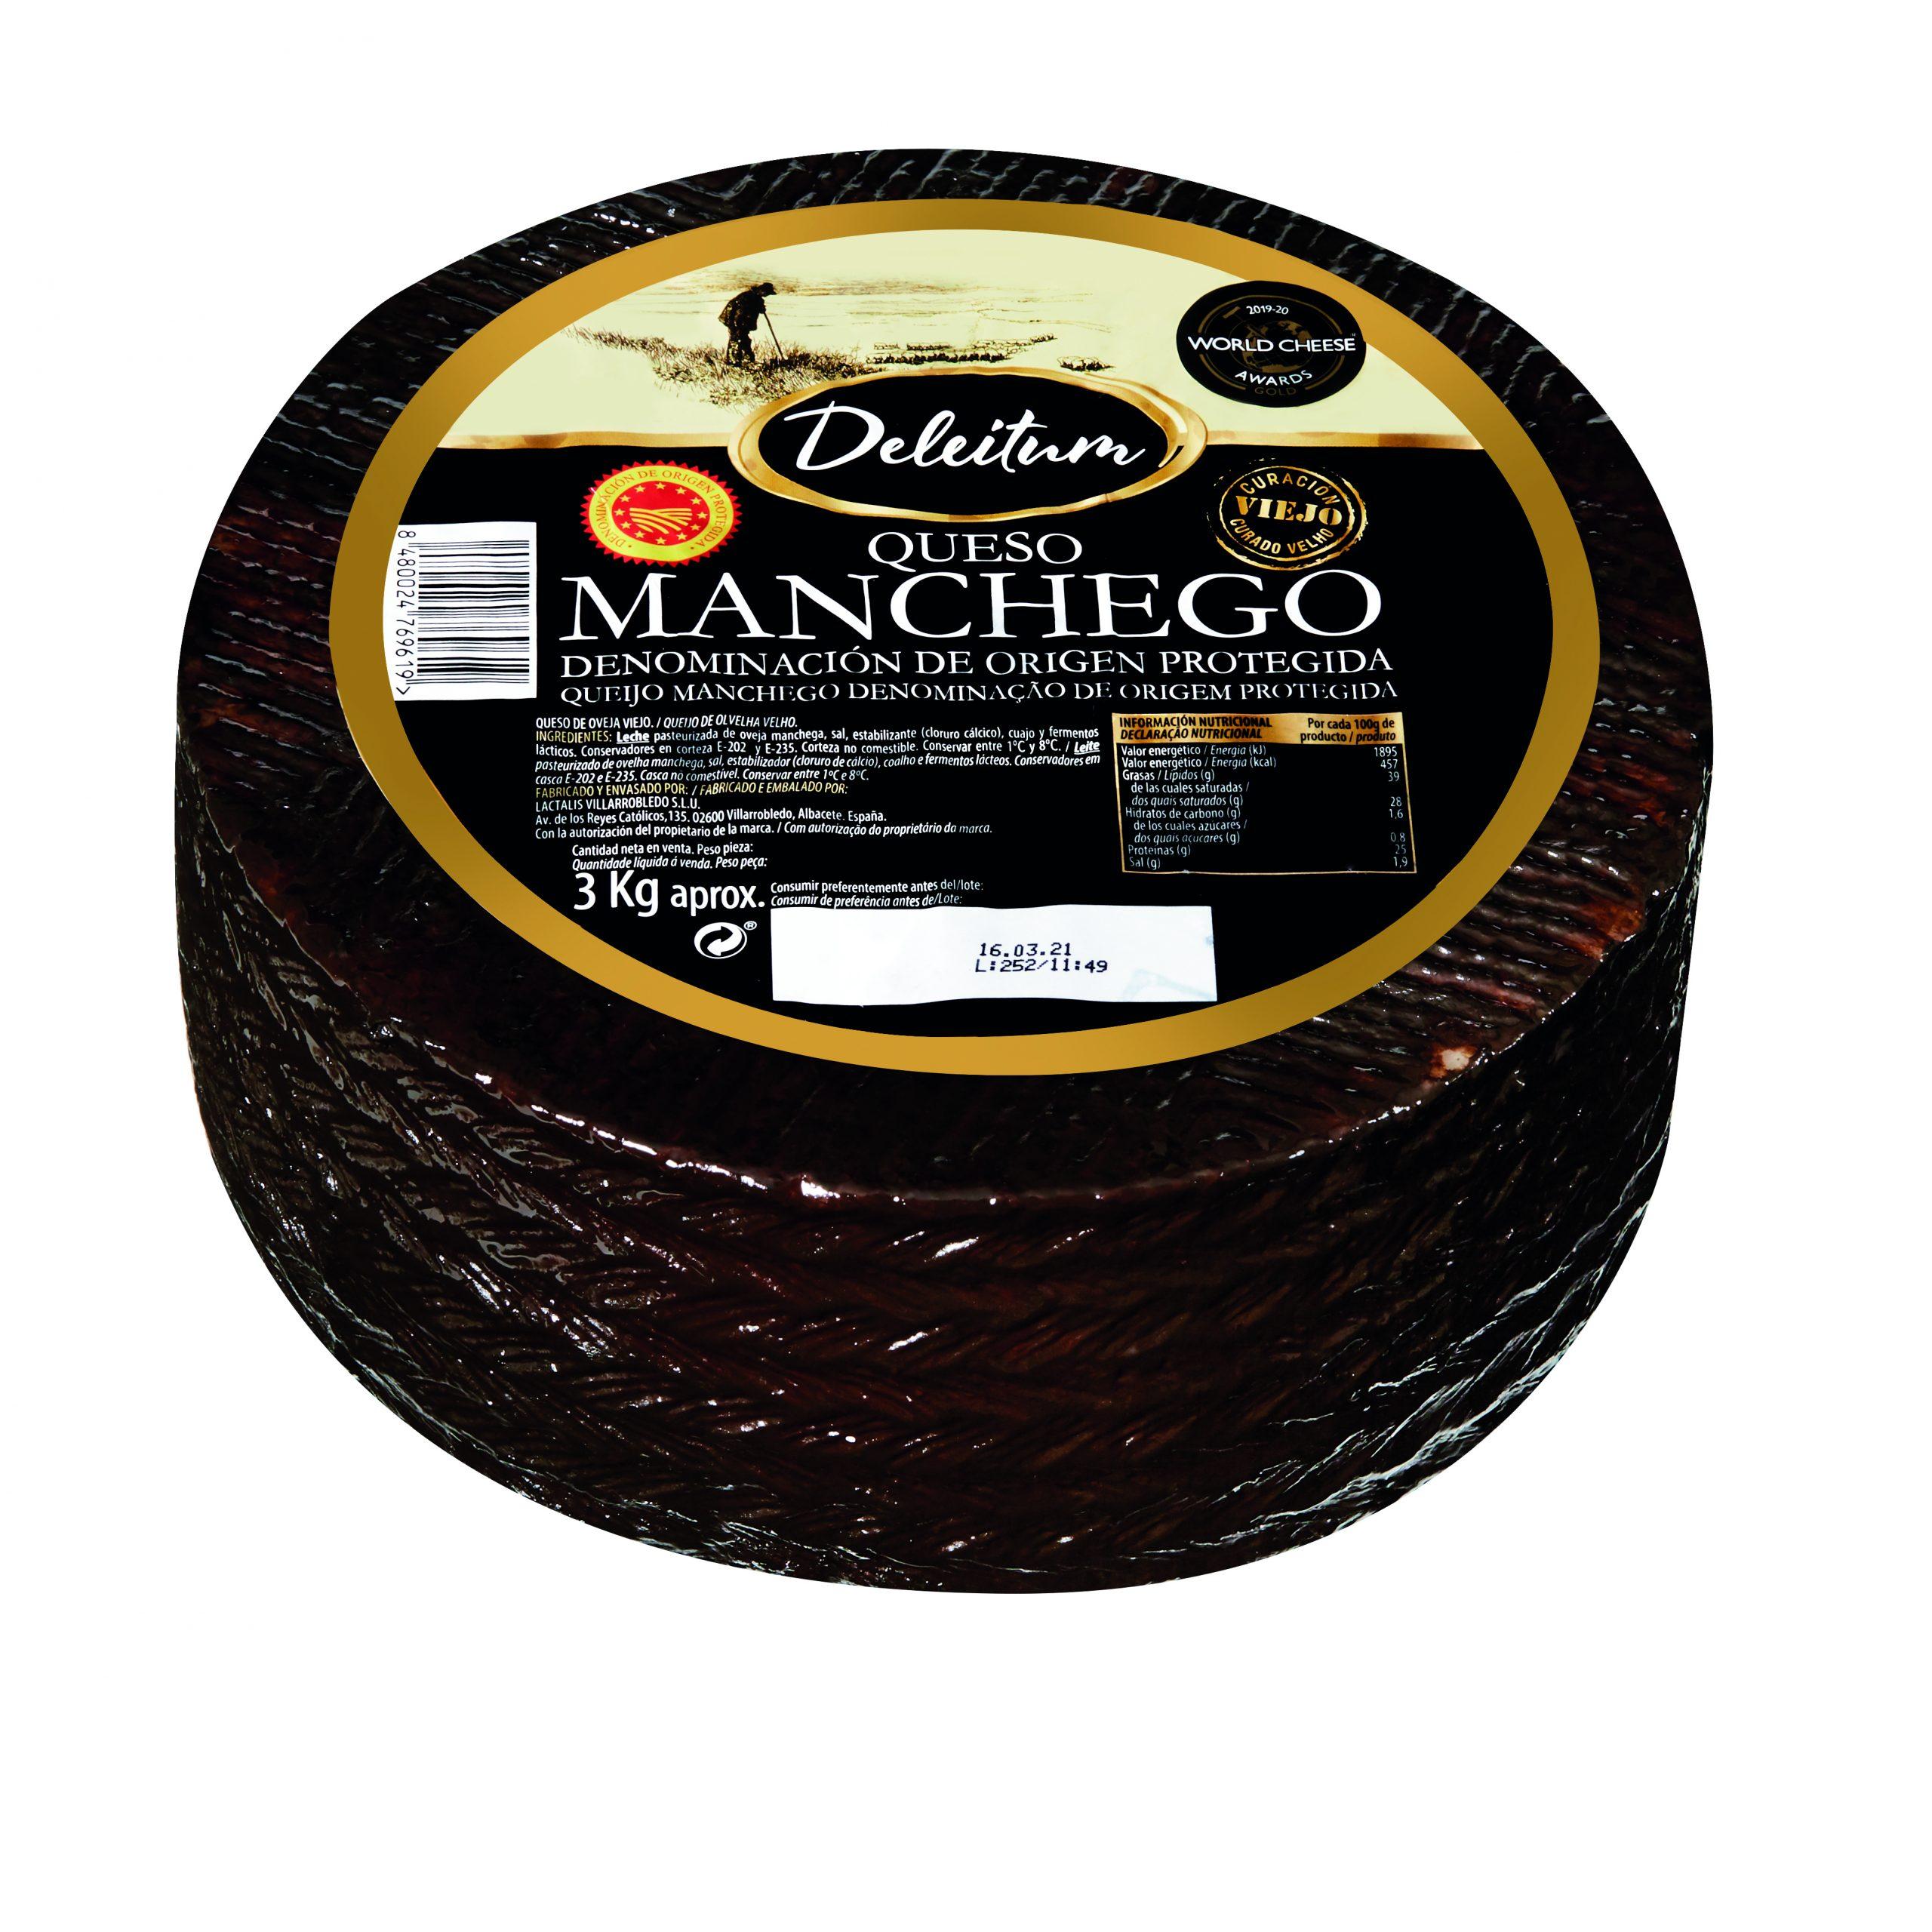 Foto de estudio del queso Manchego Viejo Deleitum galardonado con la medalla medalla de oro como mejor queso del mundo